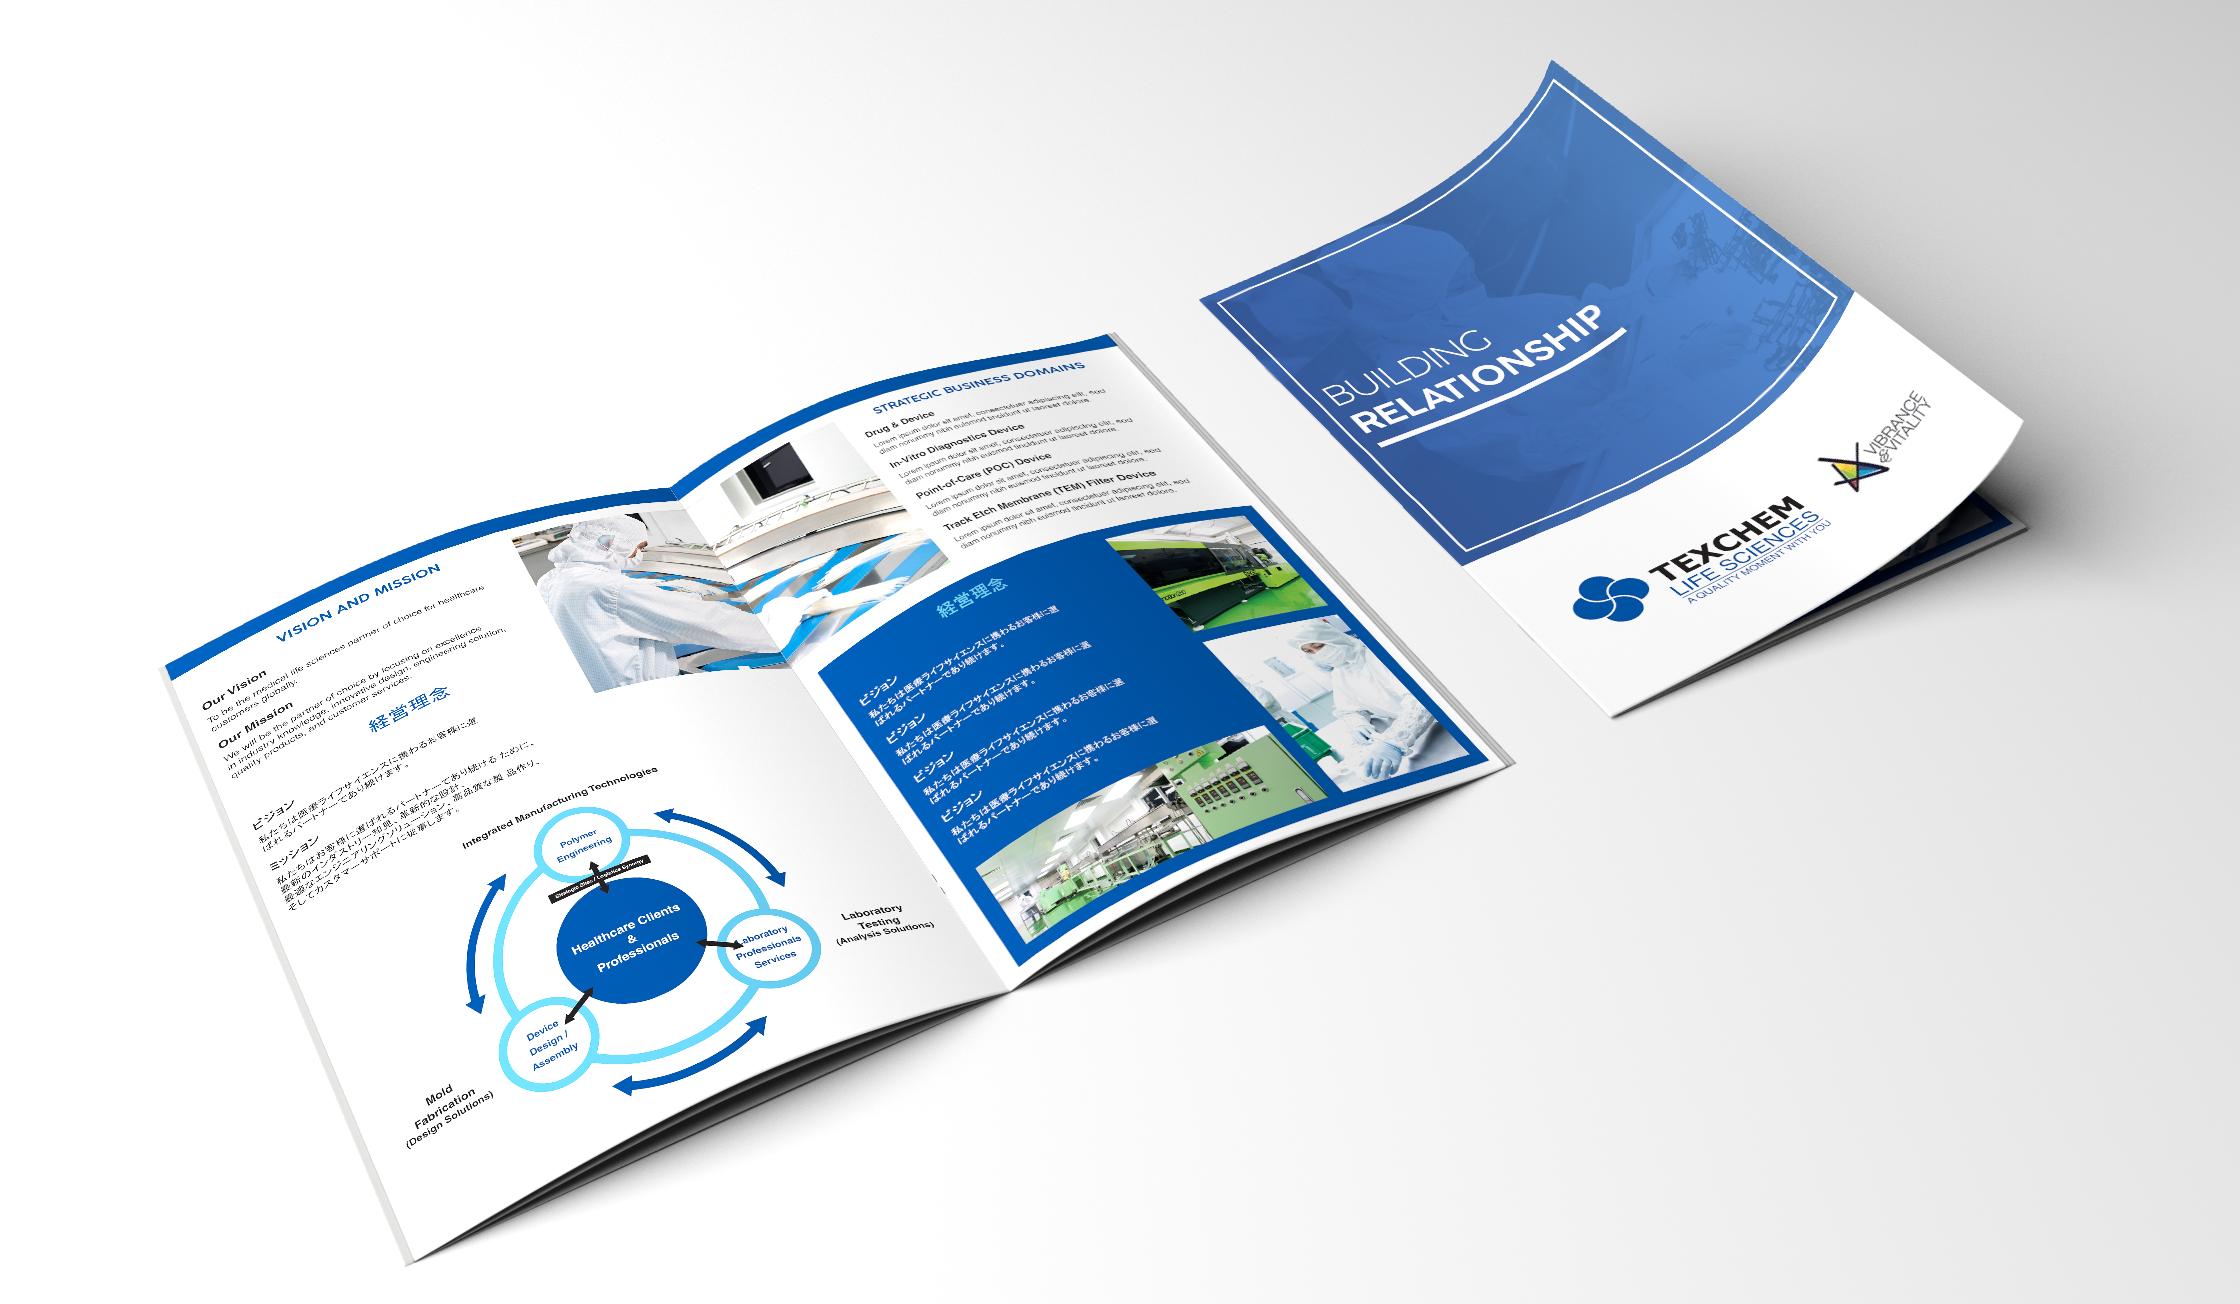 20180306 texchem_leaflet mockup_design 02.png